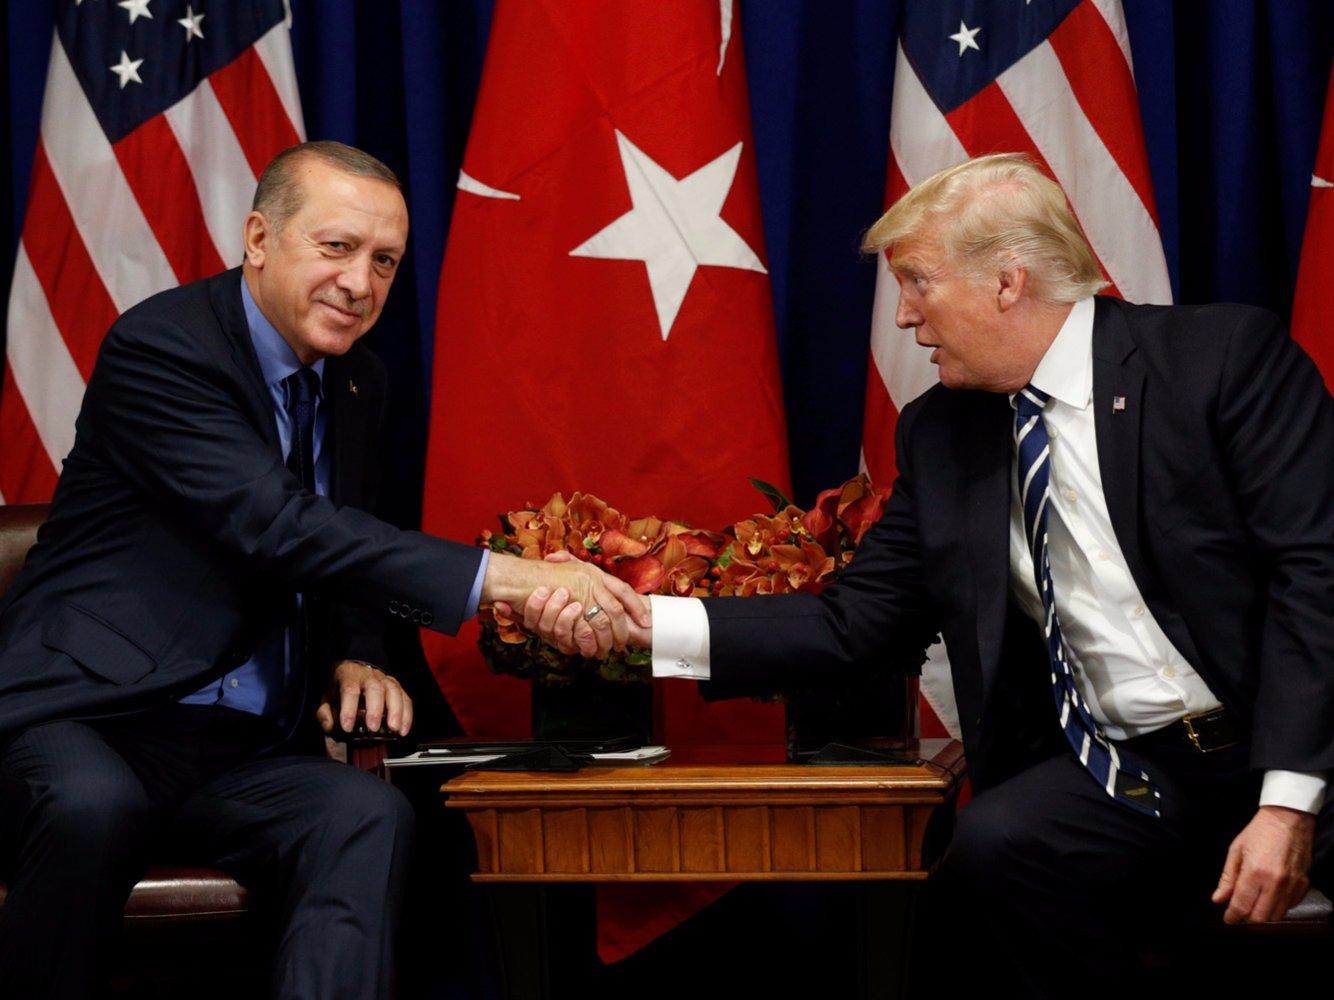 ماجراي گفتگوي تلفني ترامپ  با اردوغان: سوريه براي شما، ما خارج ميشويم!